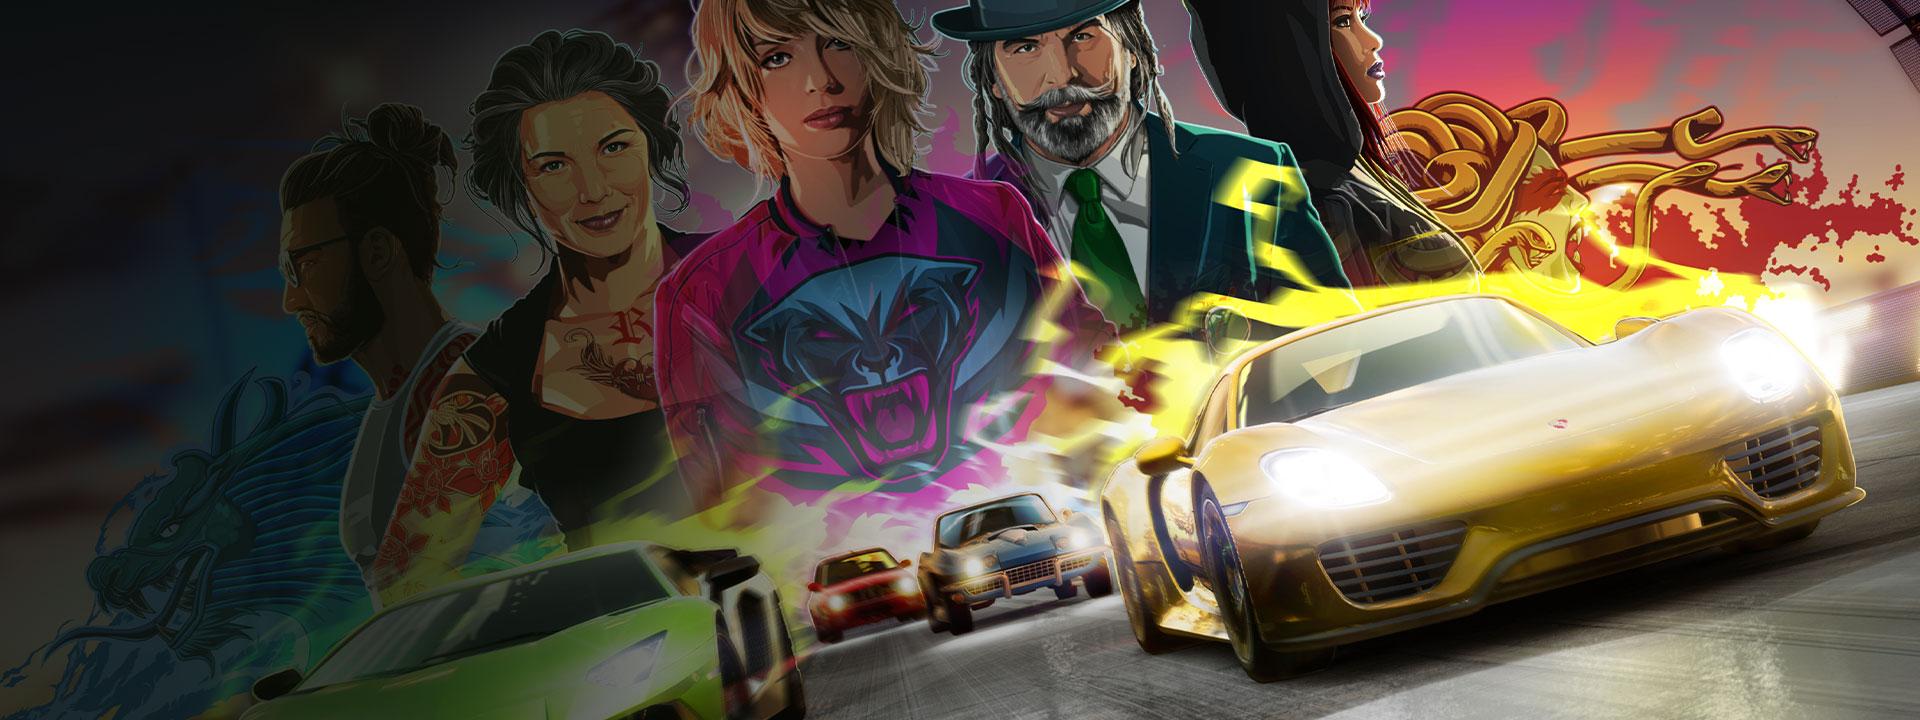 滑らかな道、女性と男性のキャラクターの背景にレースの複数の車の正面図